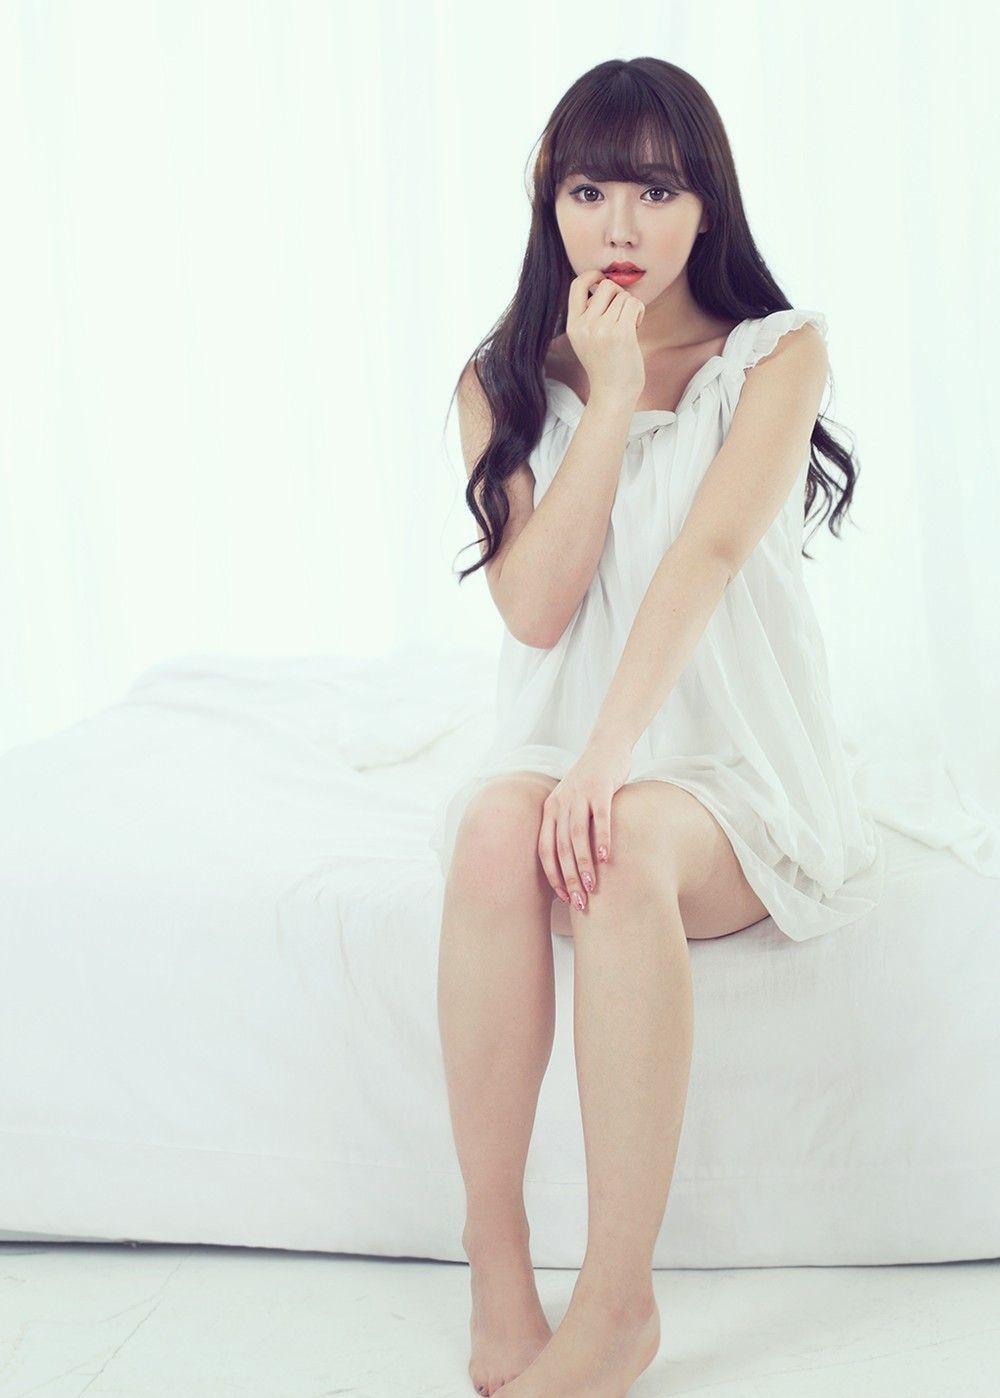 清纯可爱的韩国美少女